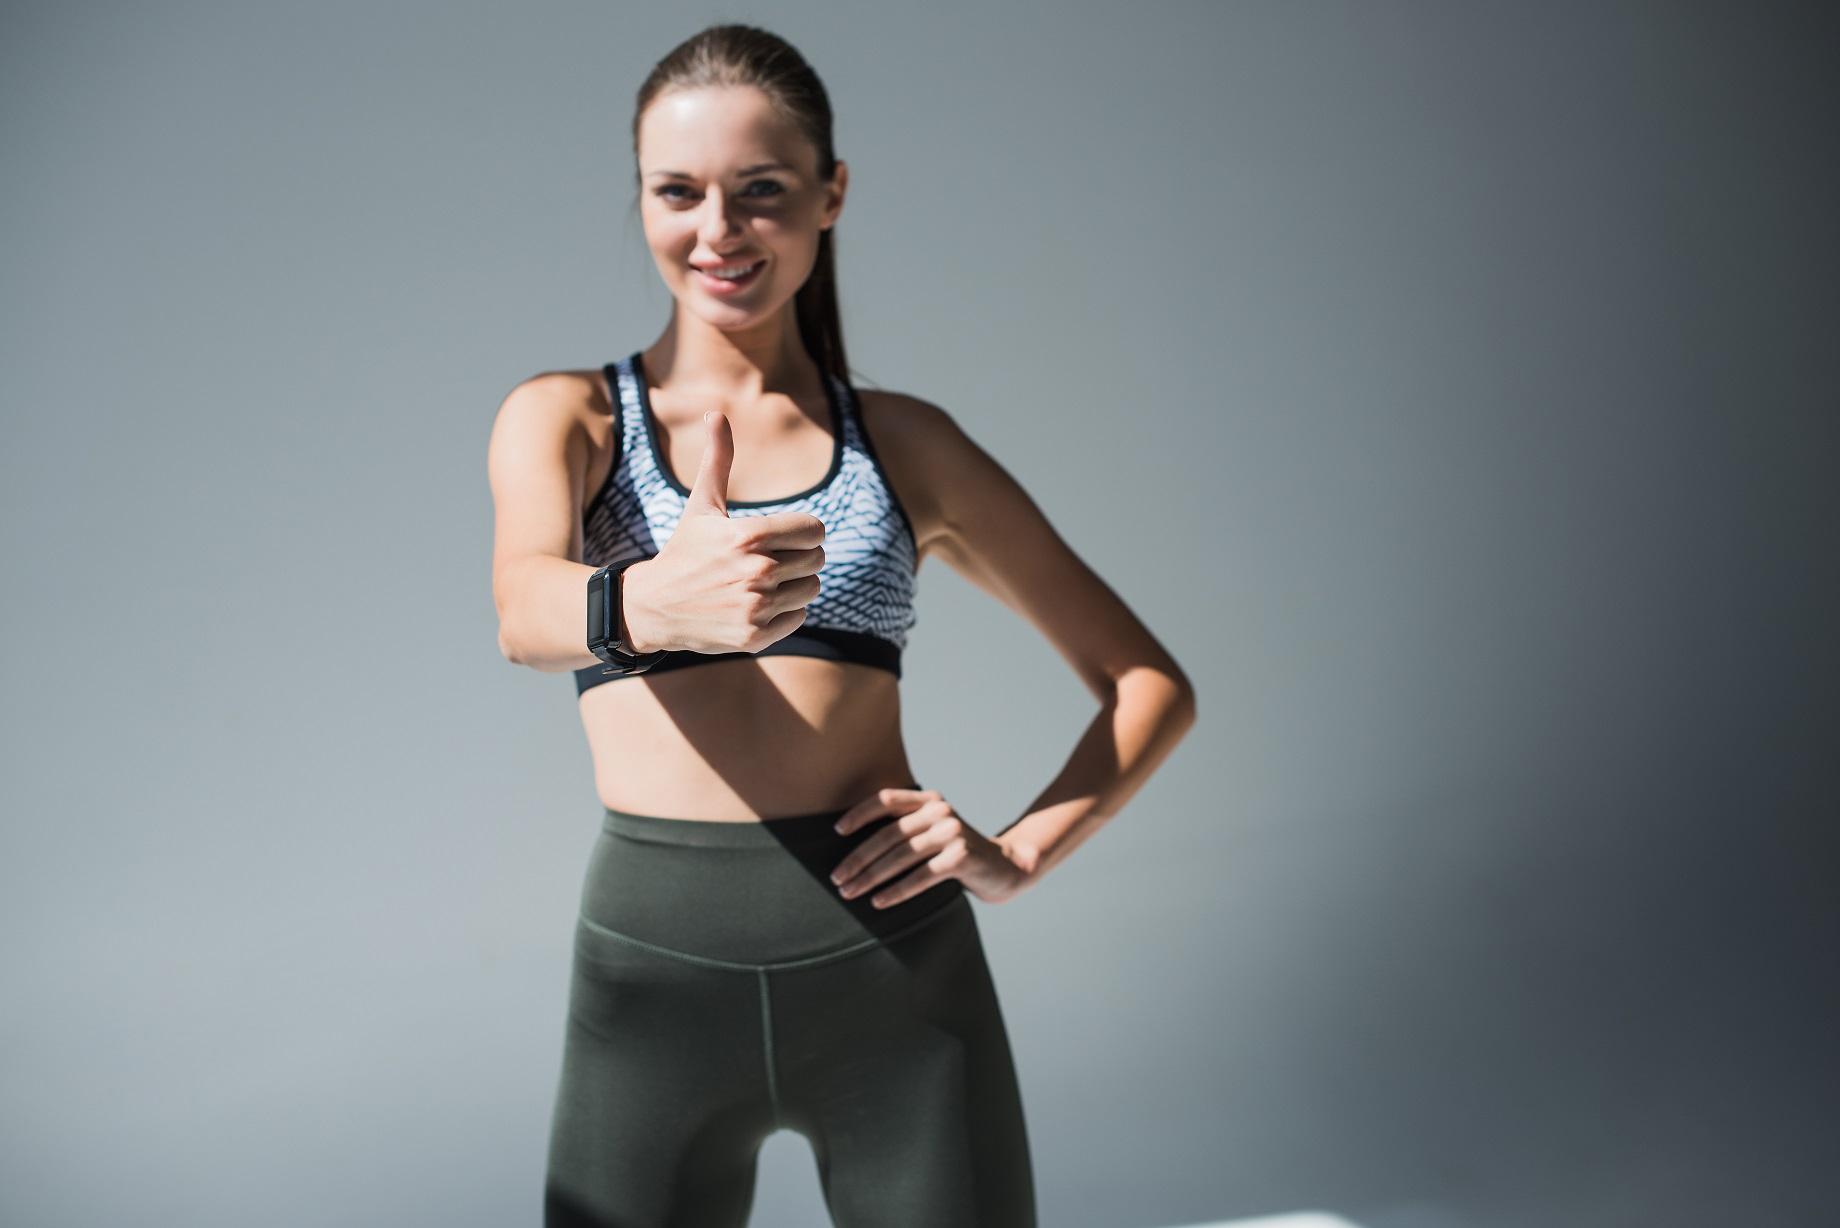 """Ove su vježbe odlične da cijelo tijelo dovedete """"u red""""."""